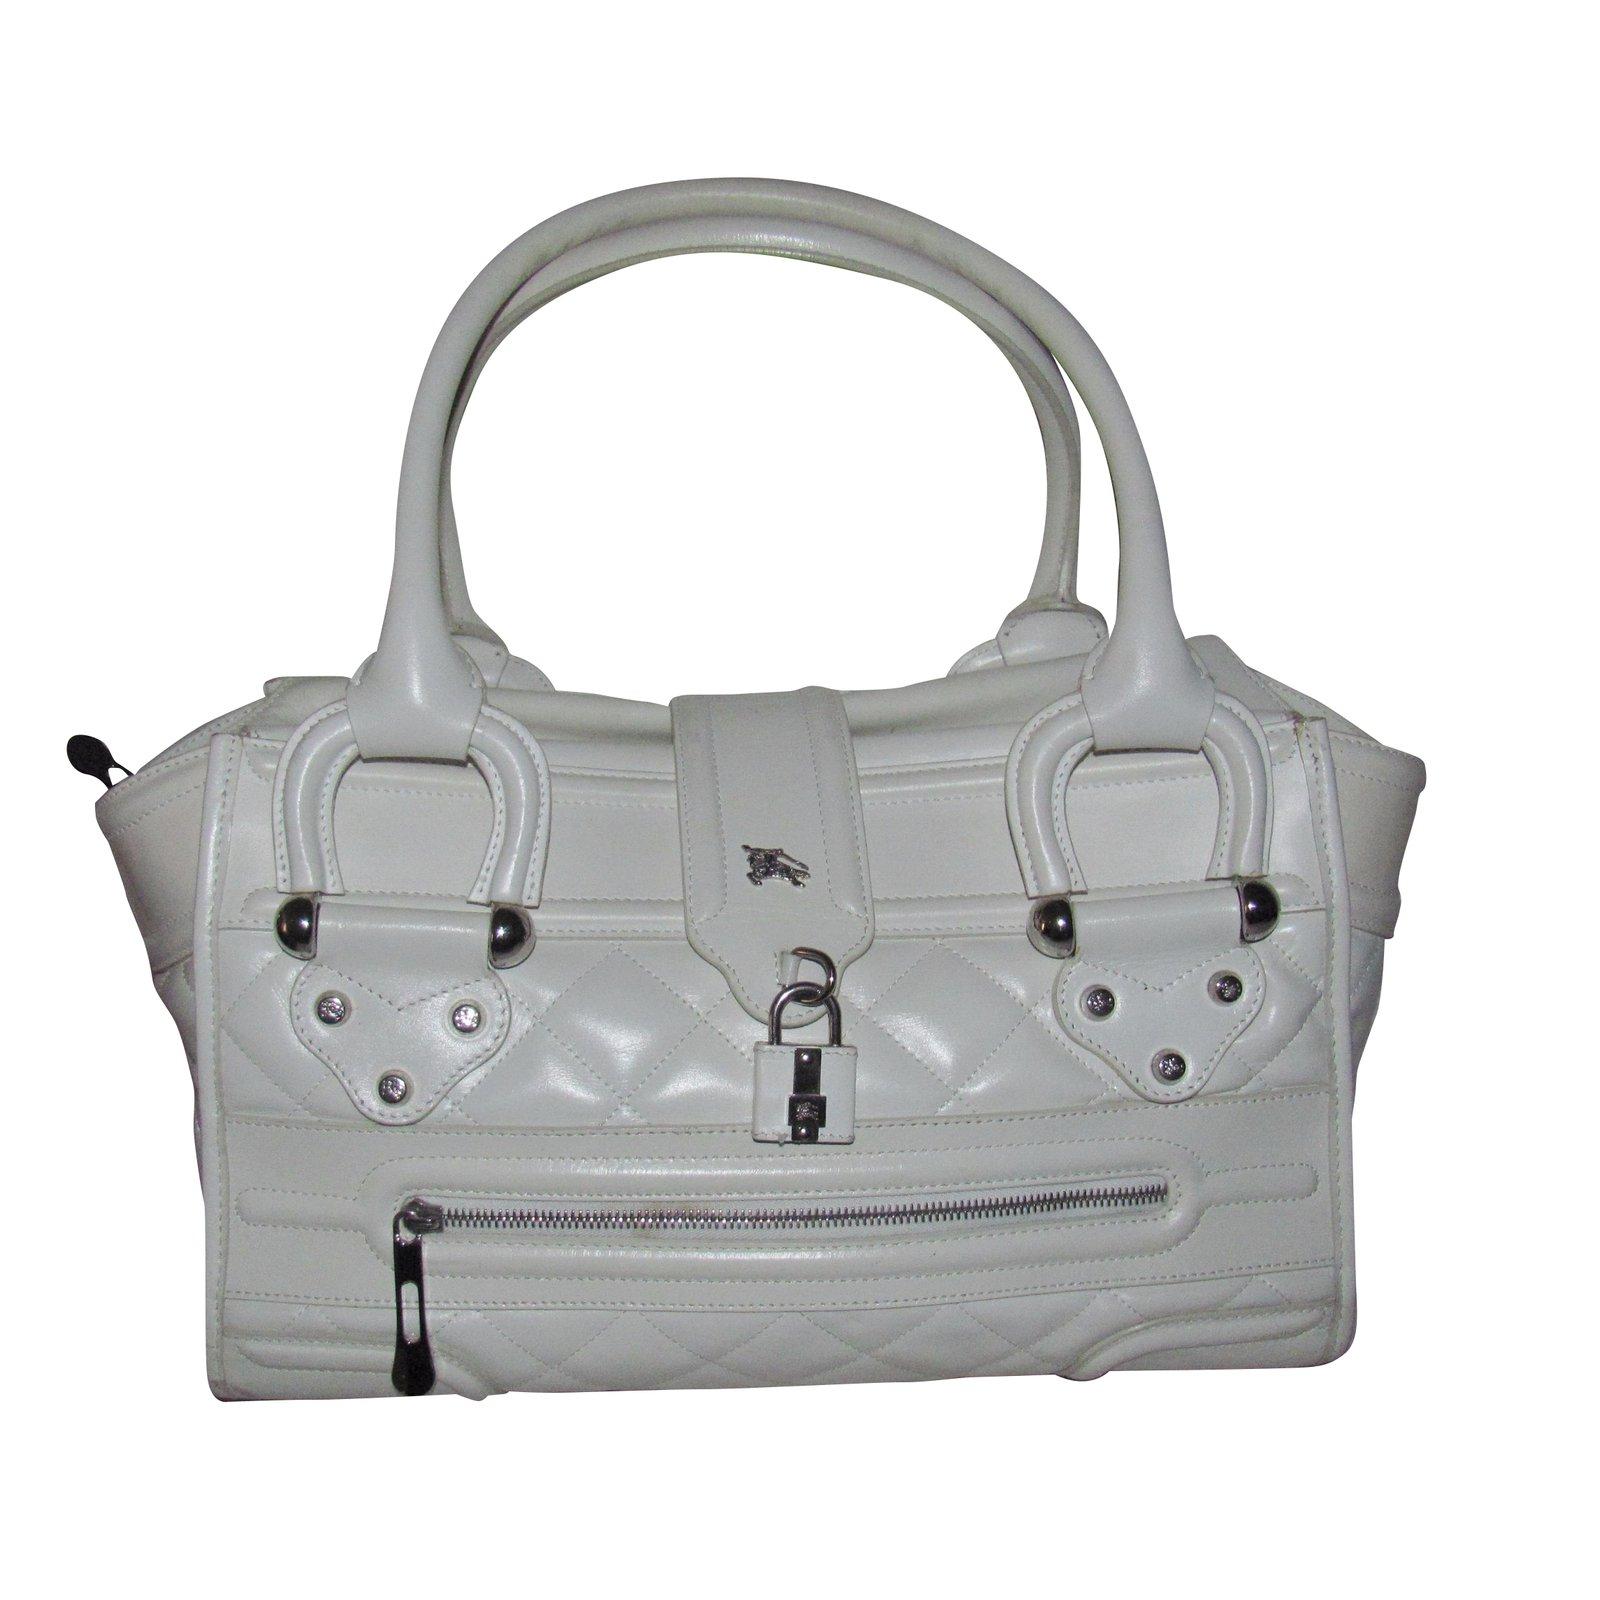 0143e7a18b0e Burberry Handbag Handbags Leather Cream ref.31716 - Joli Closet